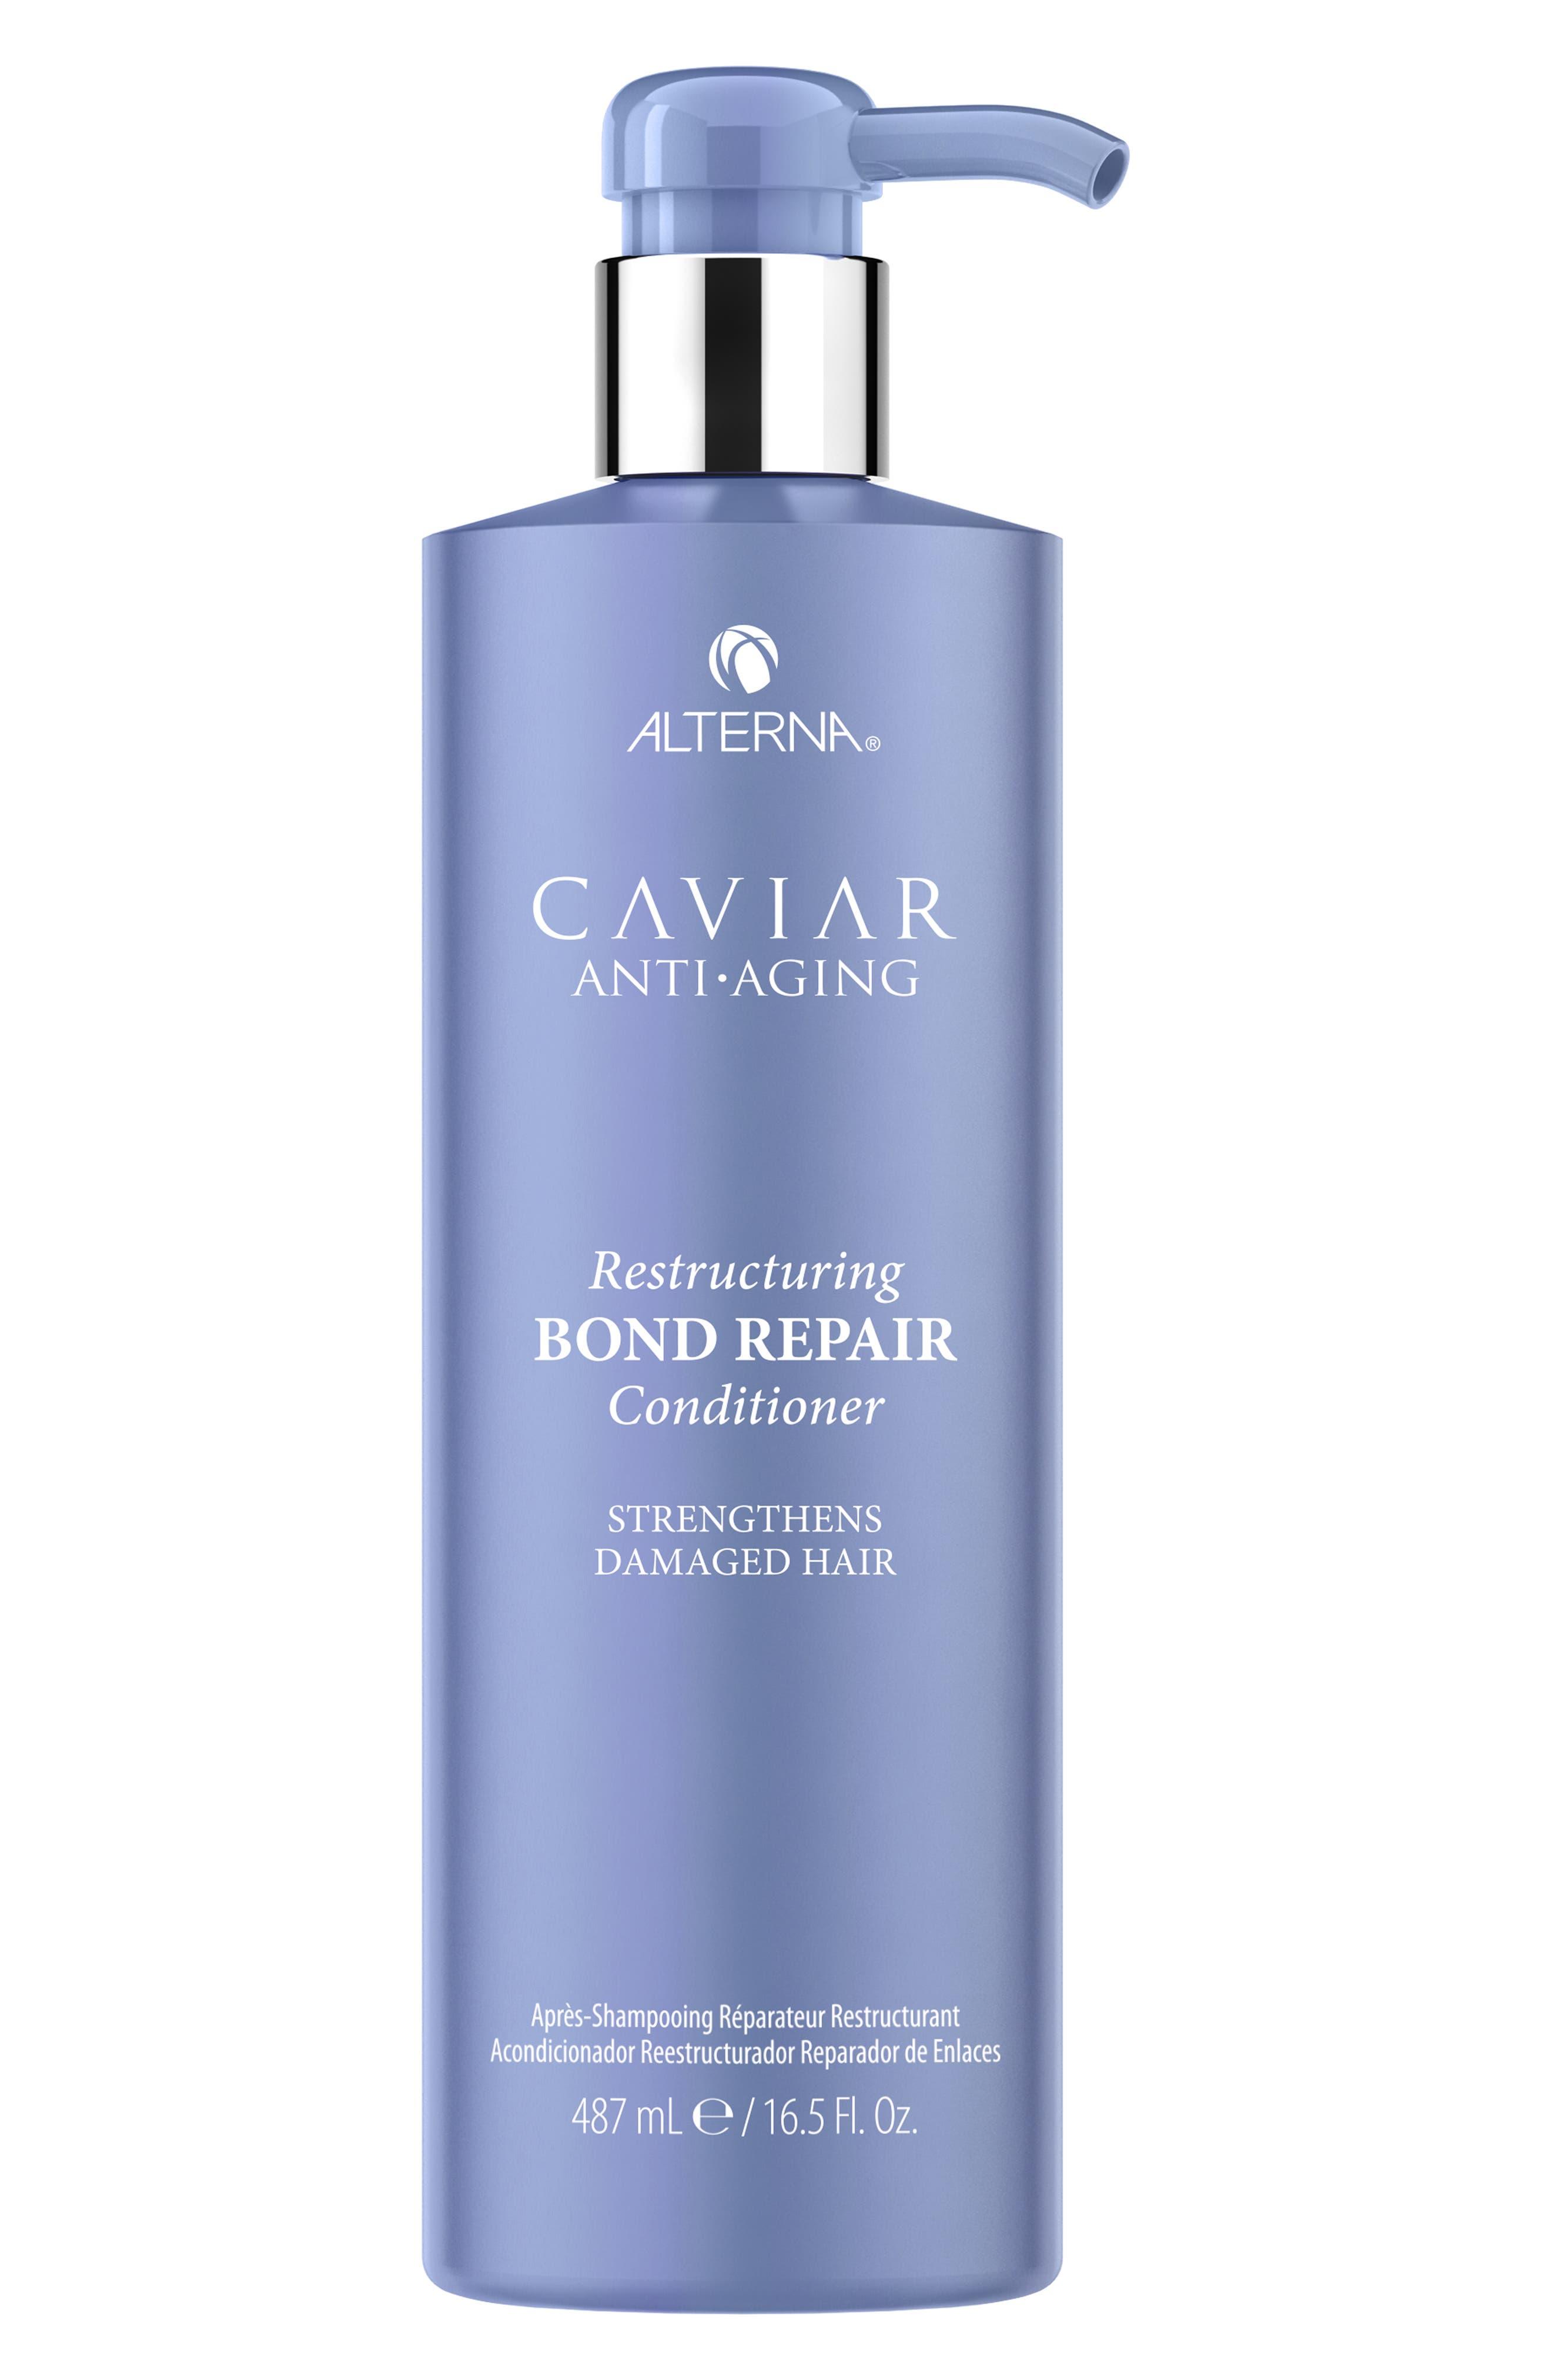 Alterna Caviar Anti-Aging Restructuring Bond Repair Conditioner